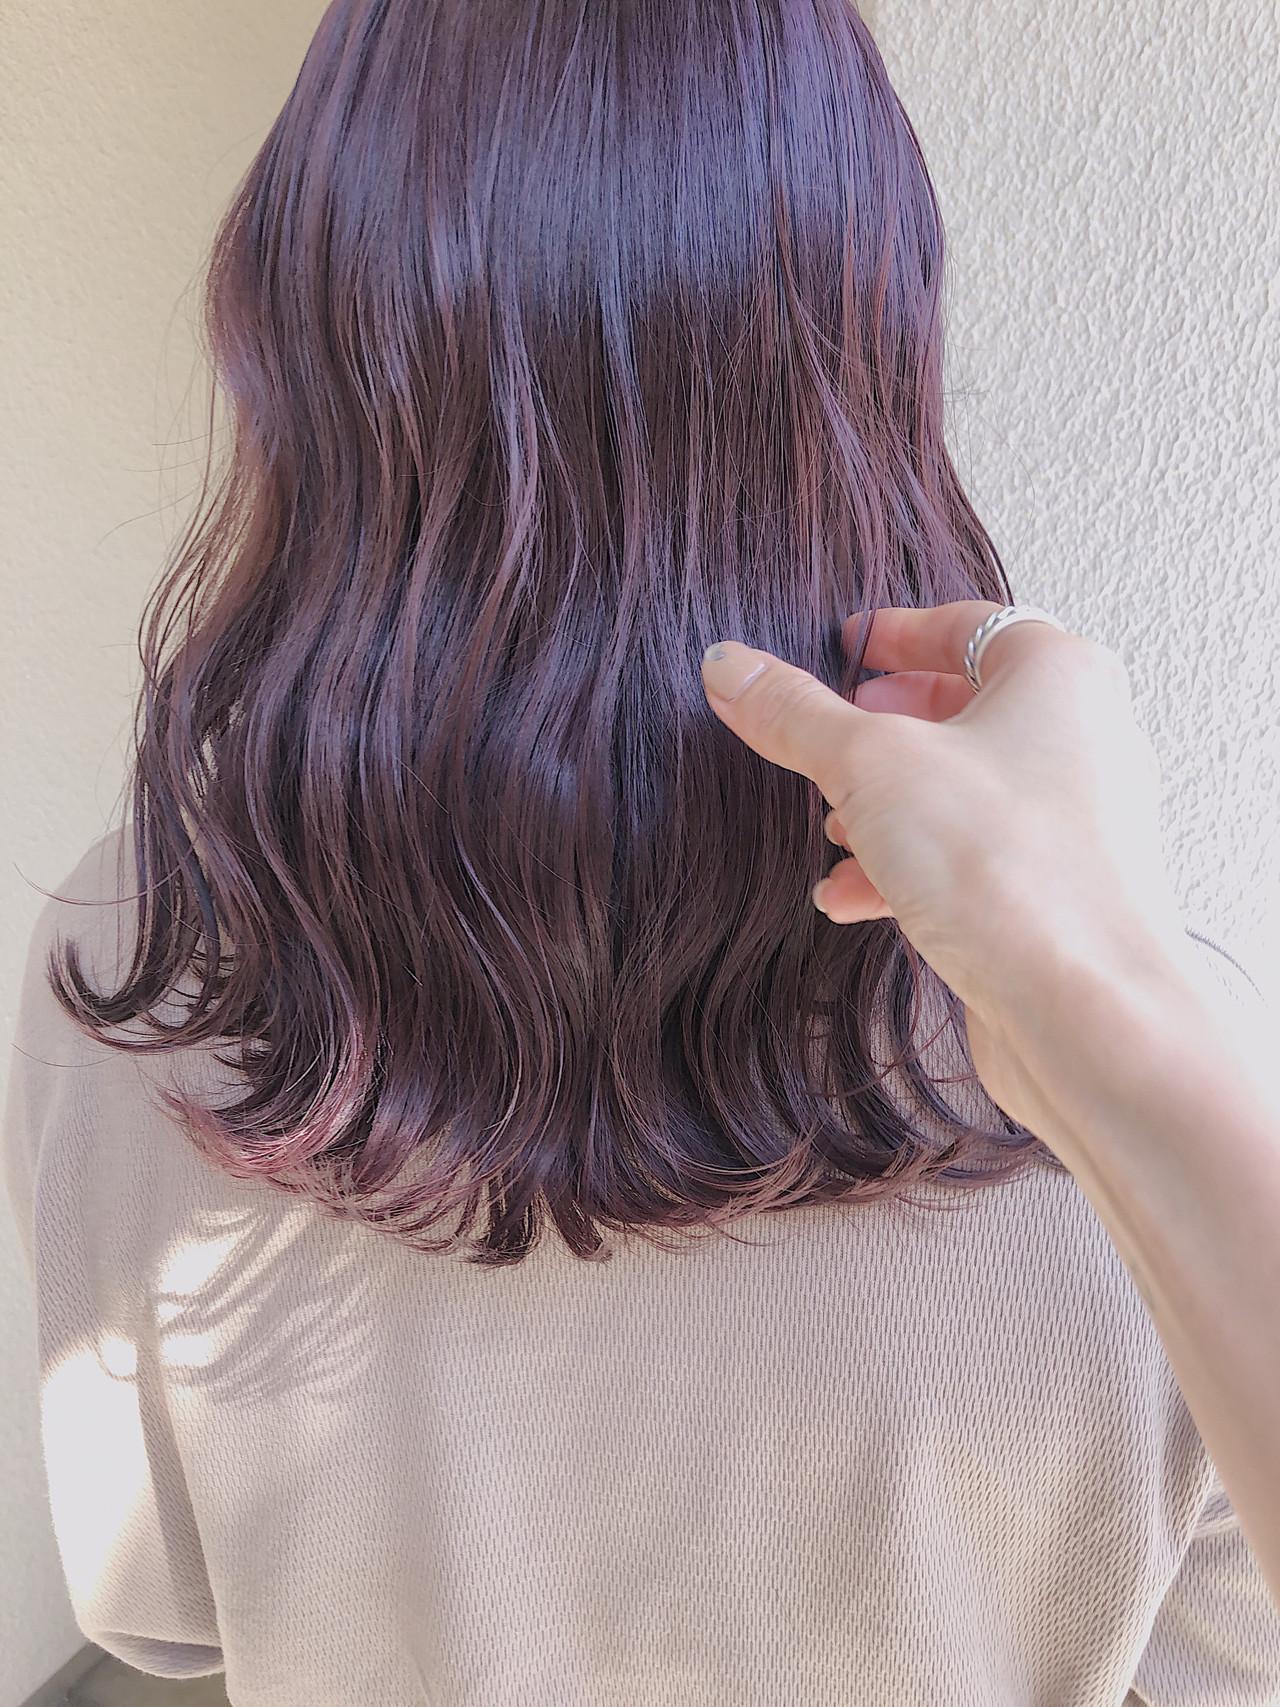 なりたい雰囲気と気分で選ぶヘアカラー♪印象は髪色でこんなに変わる!